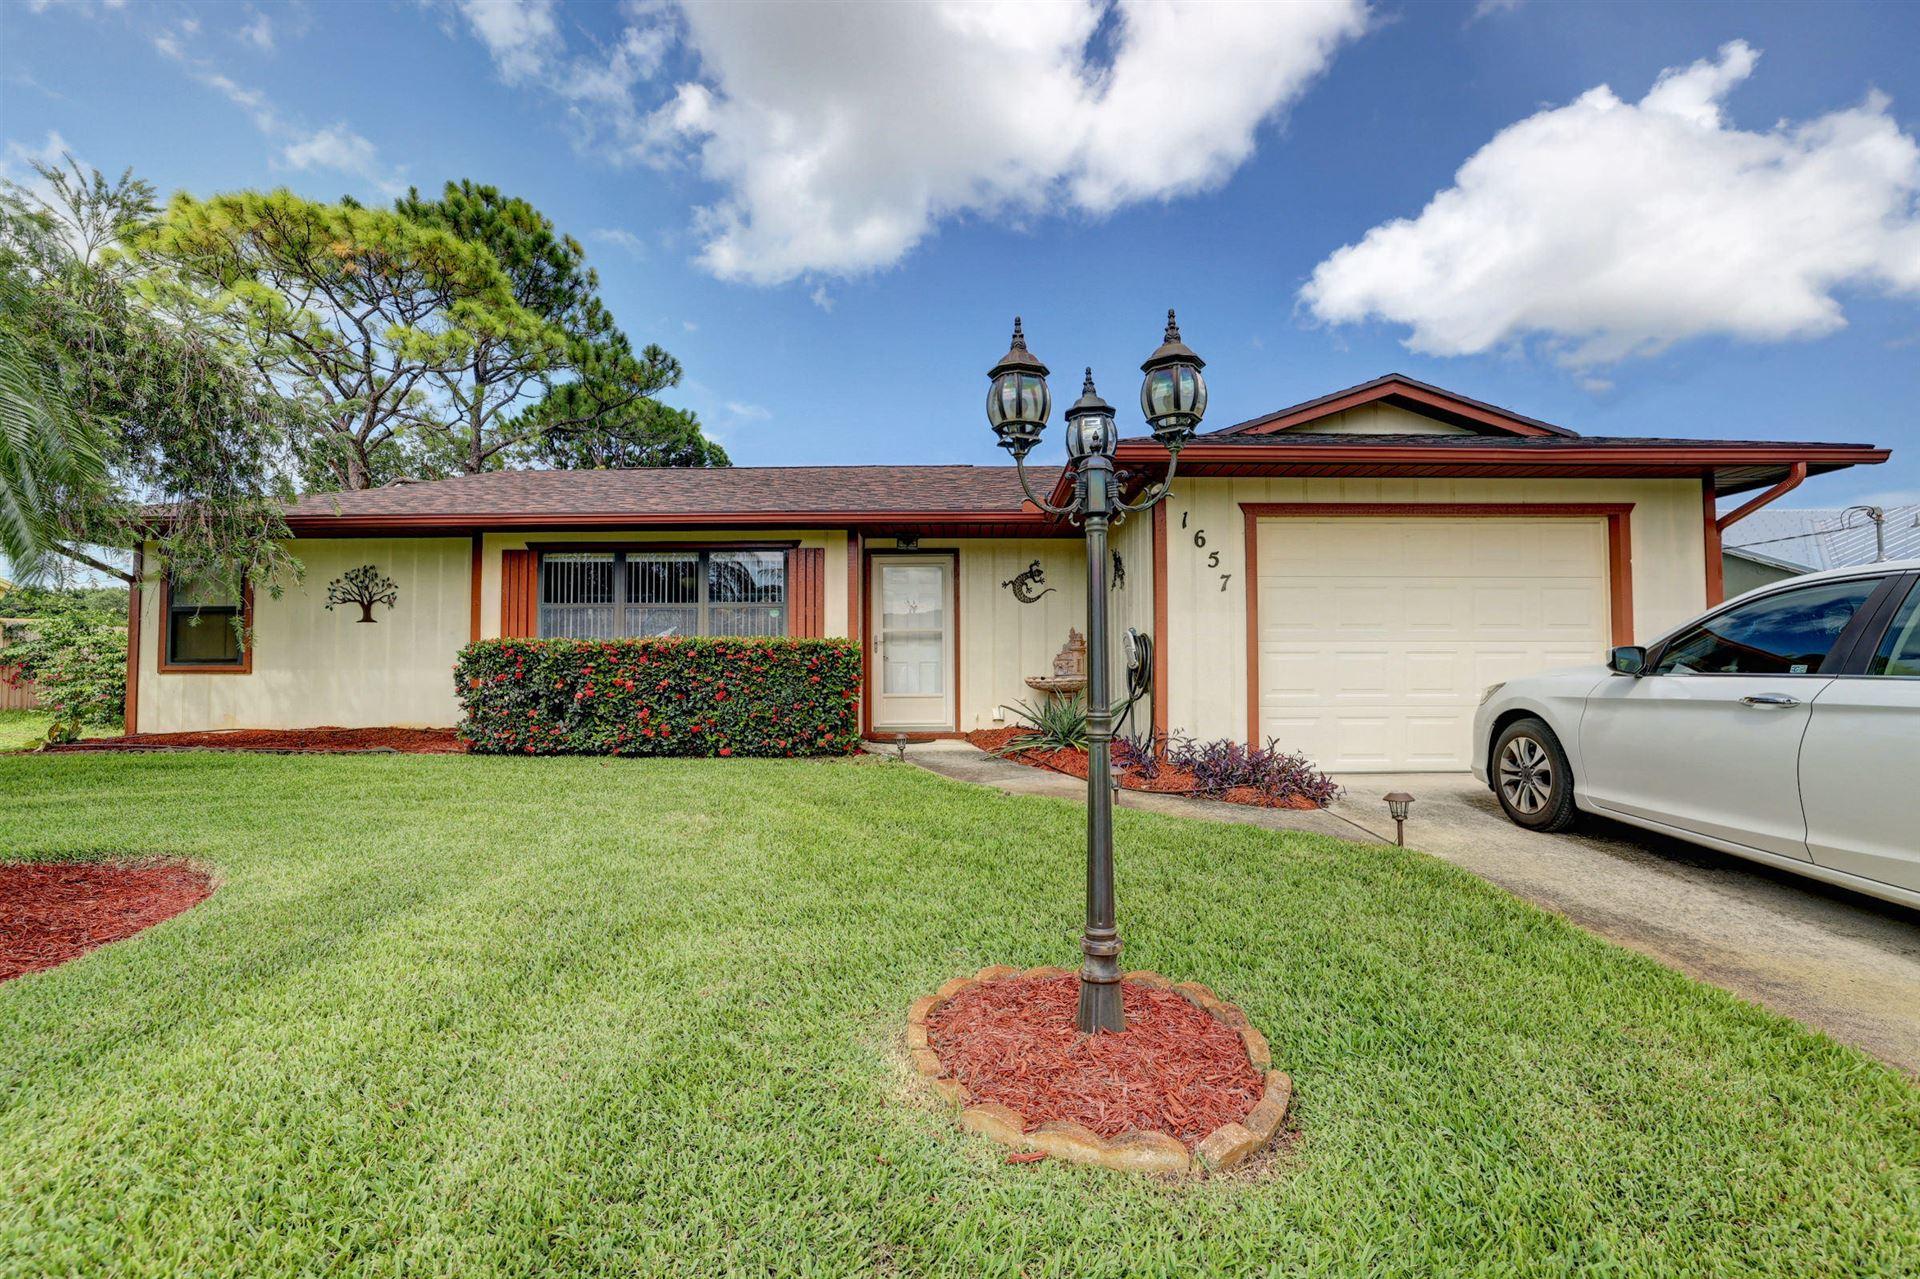 1657 SE Biddle Lane, Port Saint Lucie, FL 34983 - MLS#: RX-10735753